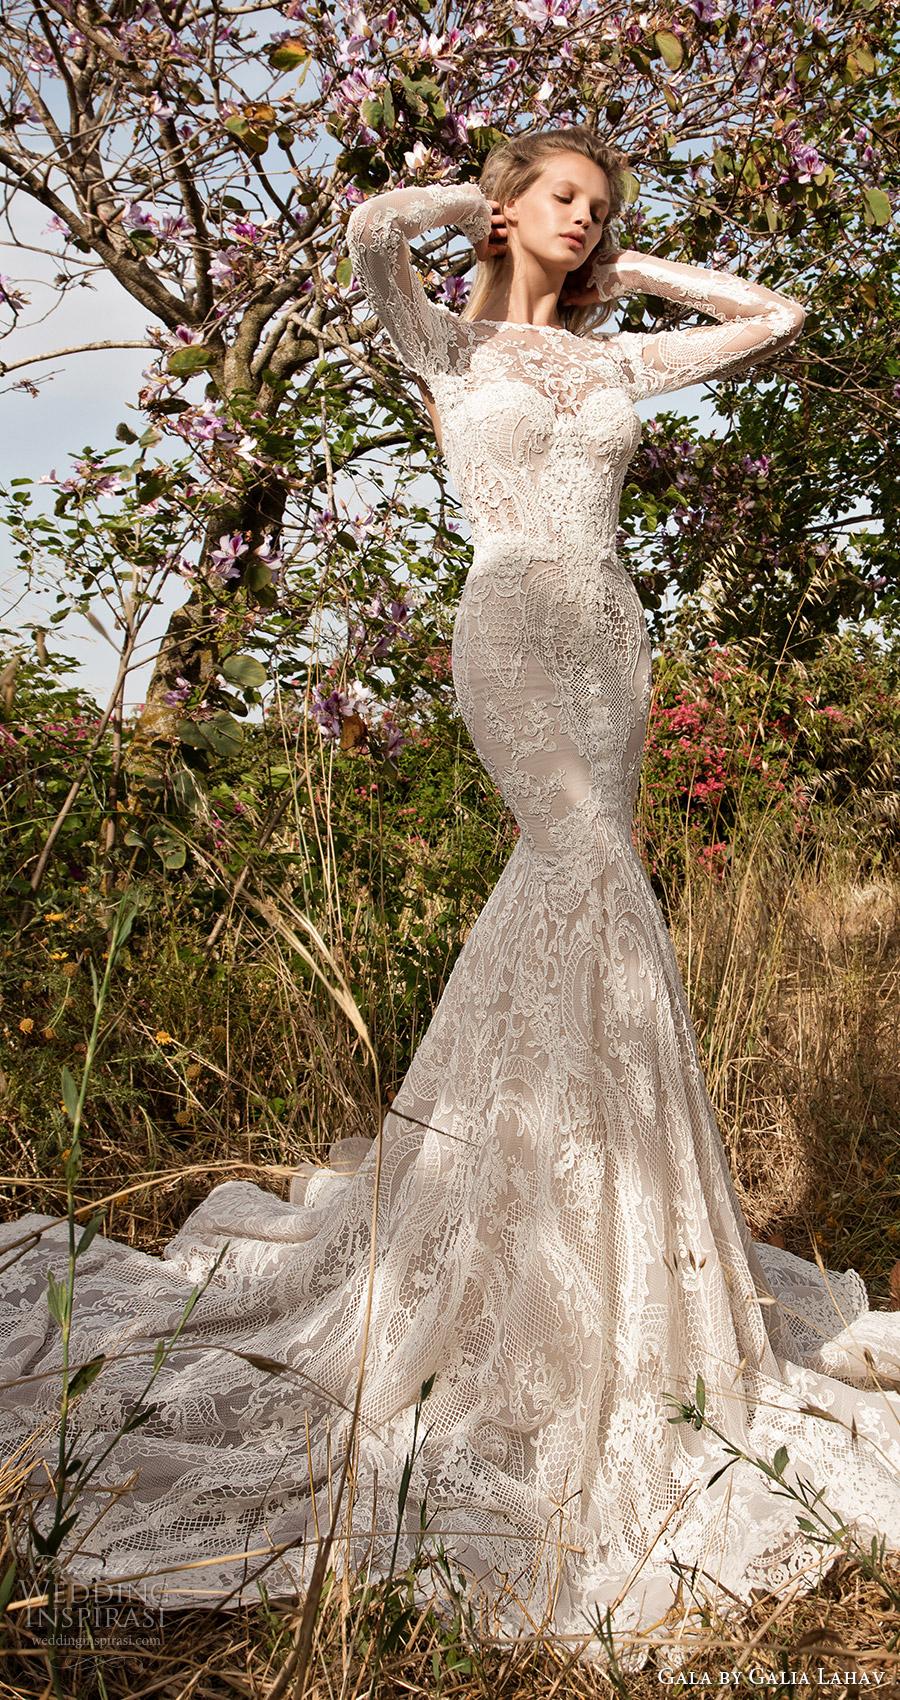 Gala galia Lahav primavera 2017 ilusión de manga larga vestido de cuello joya de la sirena de boda del cordón (705) mv